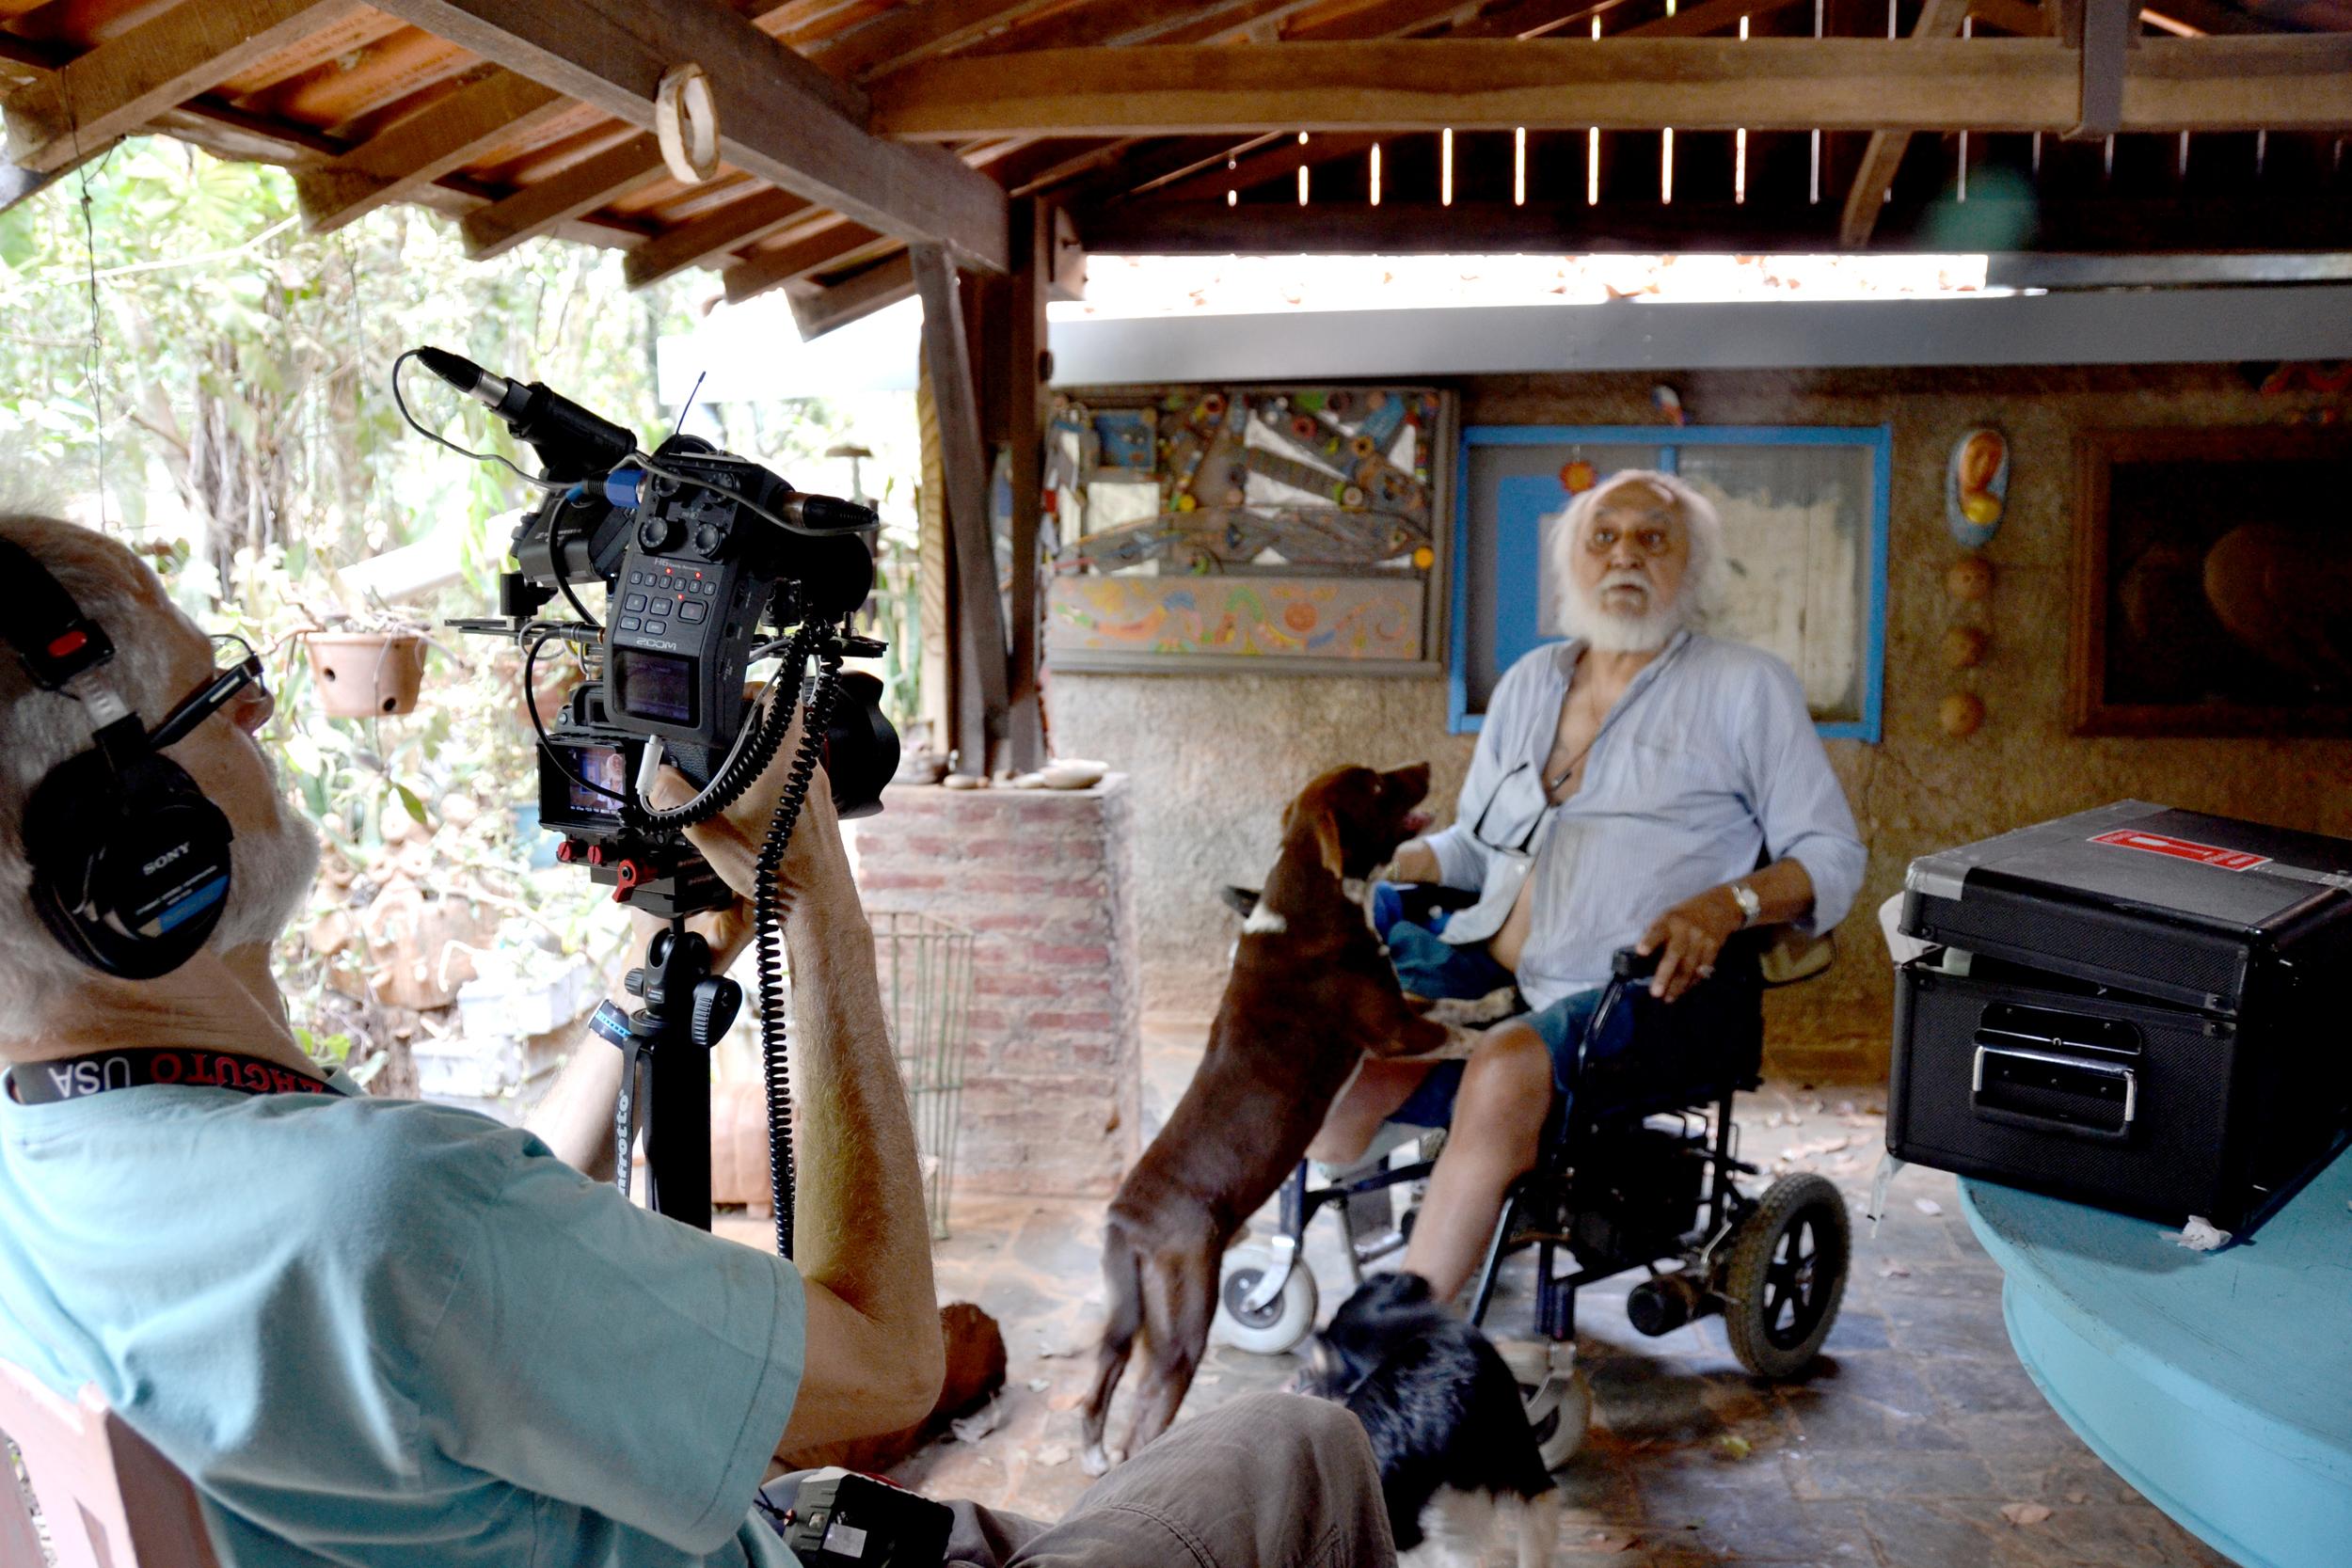 Chico vivia numa chácara entre muitos muitos muitos cães e gatos... (foto Gustavo Porpino)